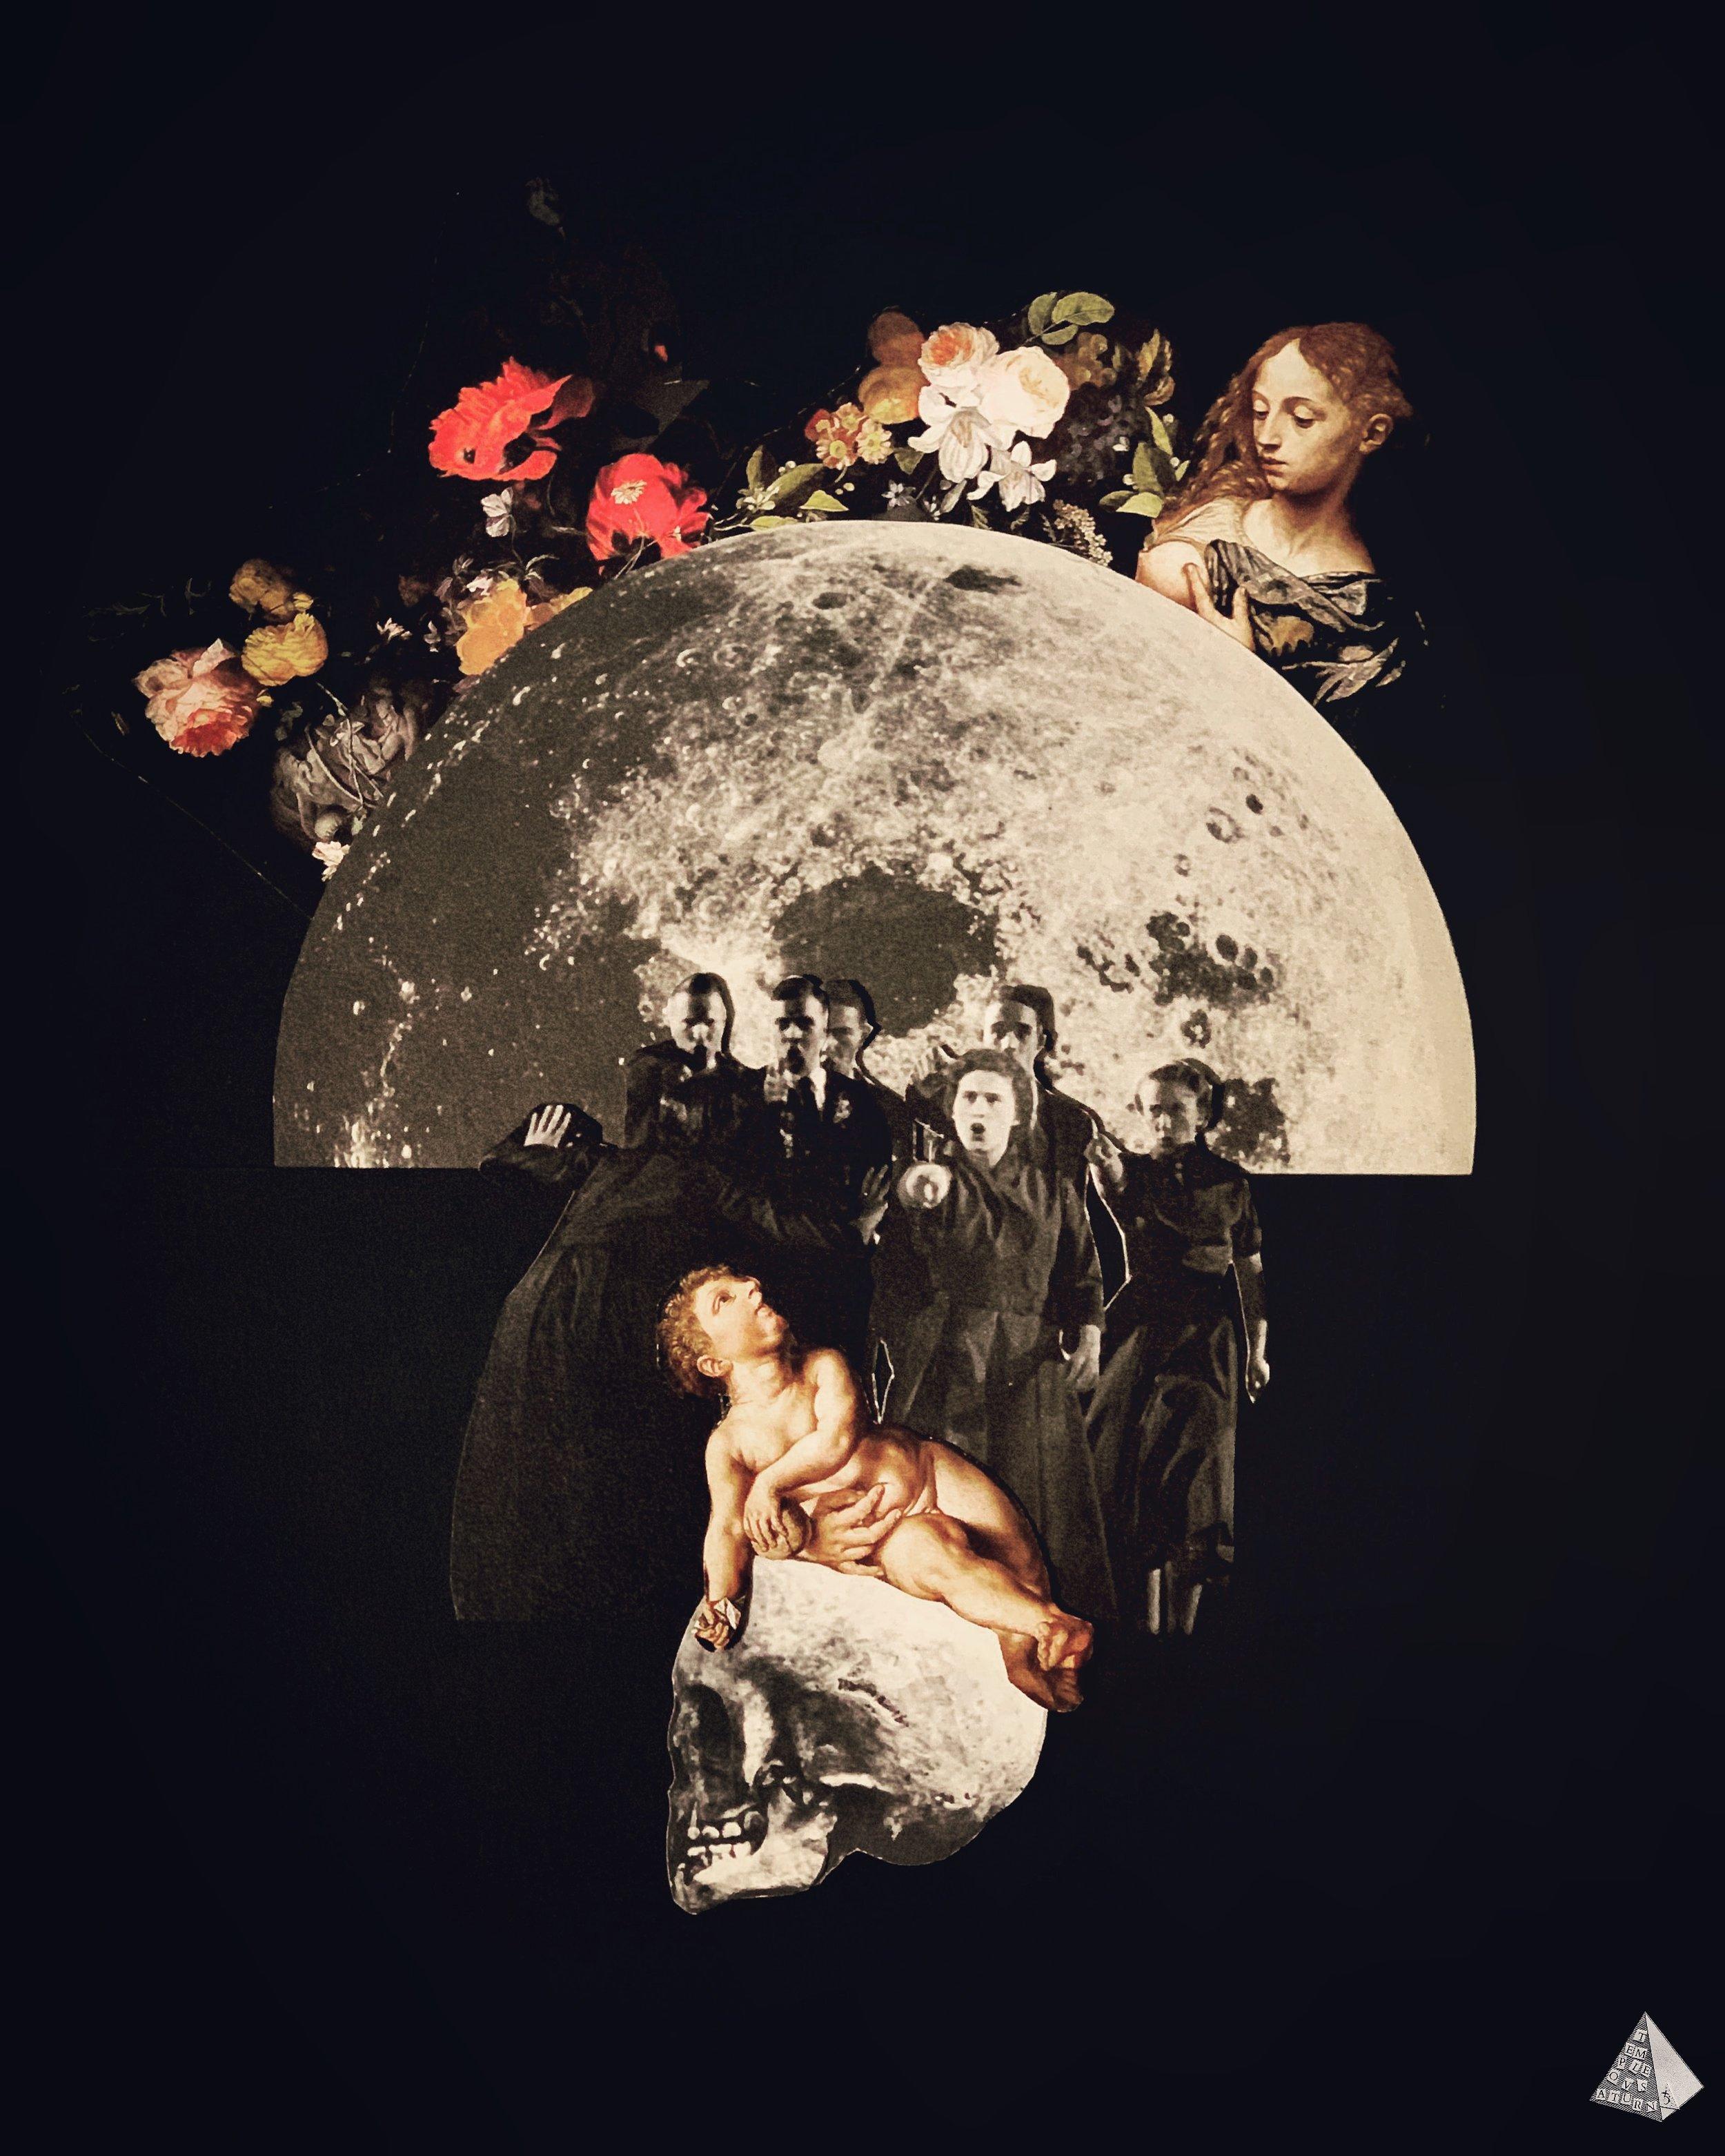 Les Fleurs du Mal: La Lune Offensée by Joan Pope (Temple ov Saturn)